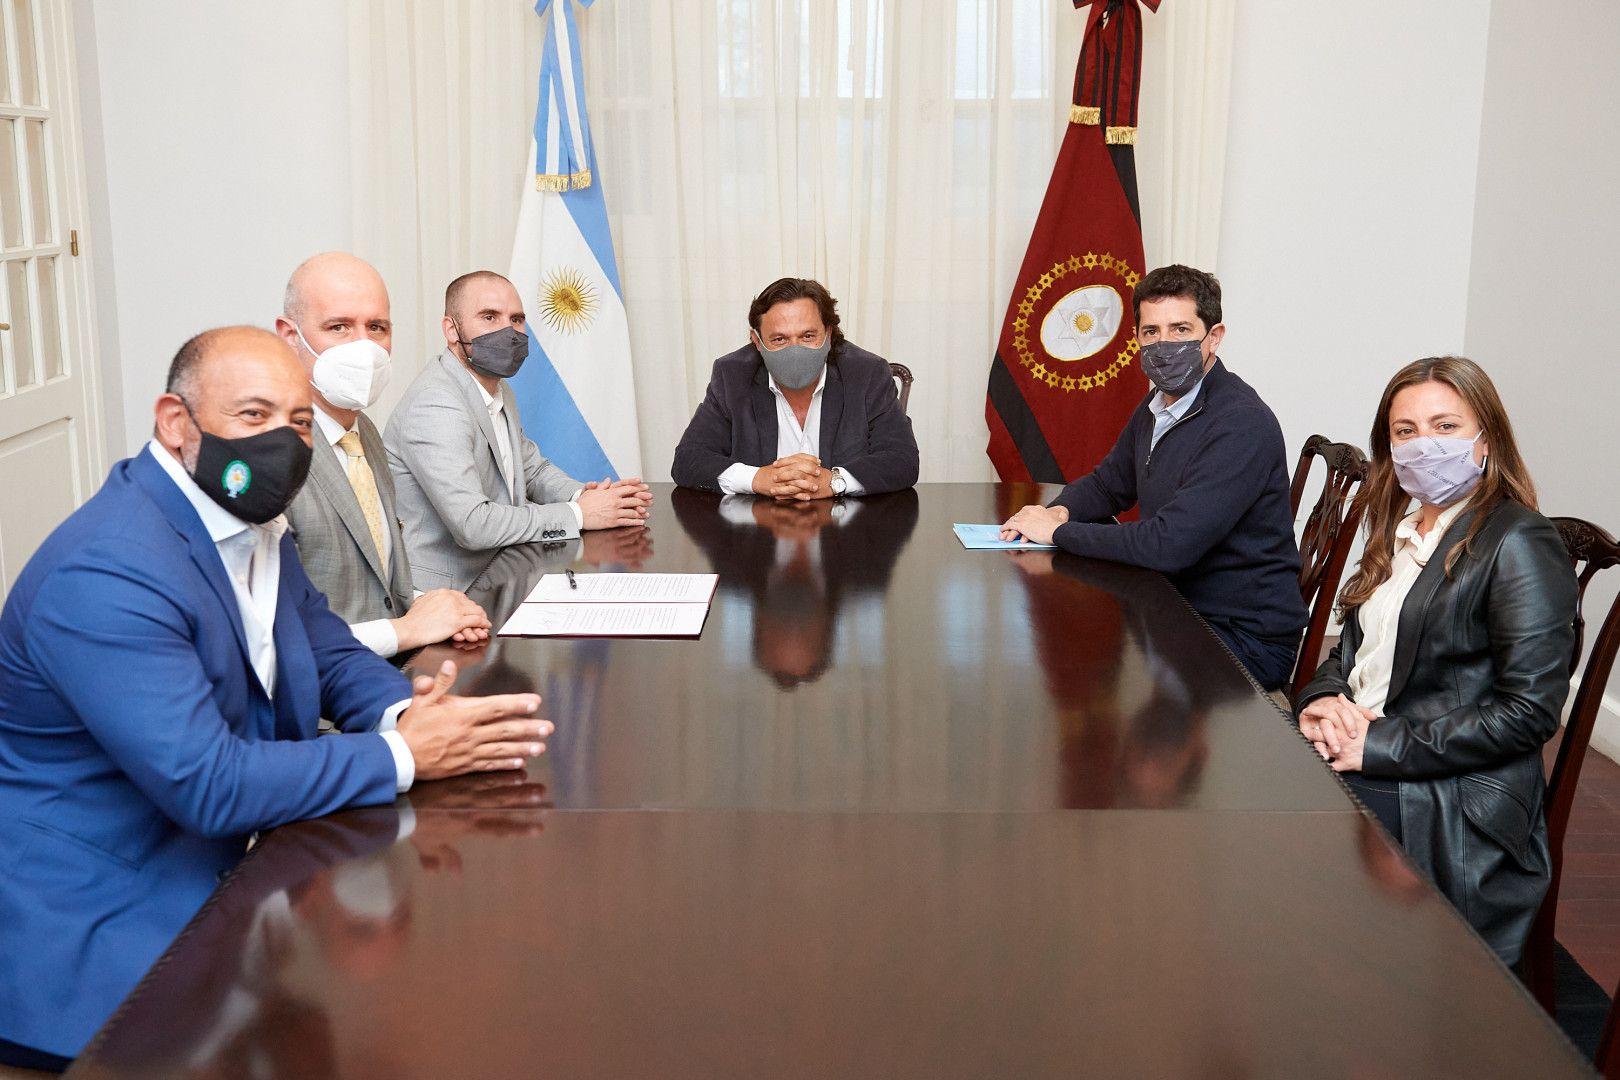 Guzmán, De Pedro y Gustavo Sáenz firmaron un convenio de Asistencia Financiera por $ 1.000 millones para la provincia de Salta.